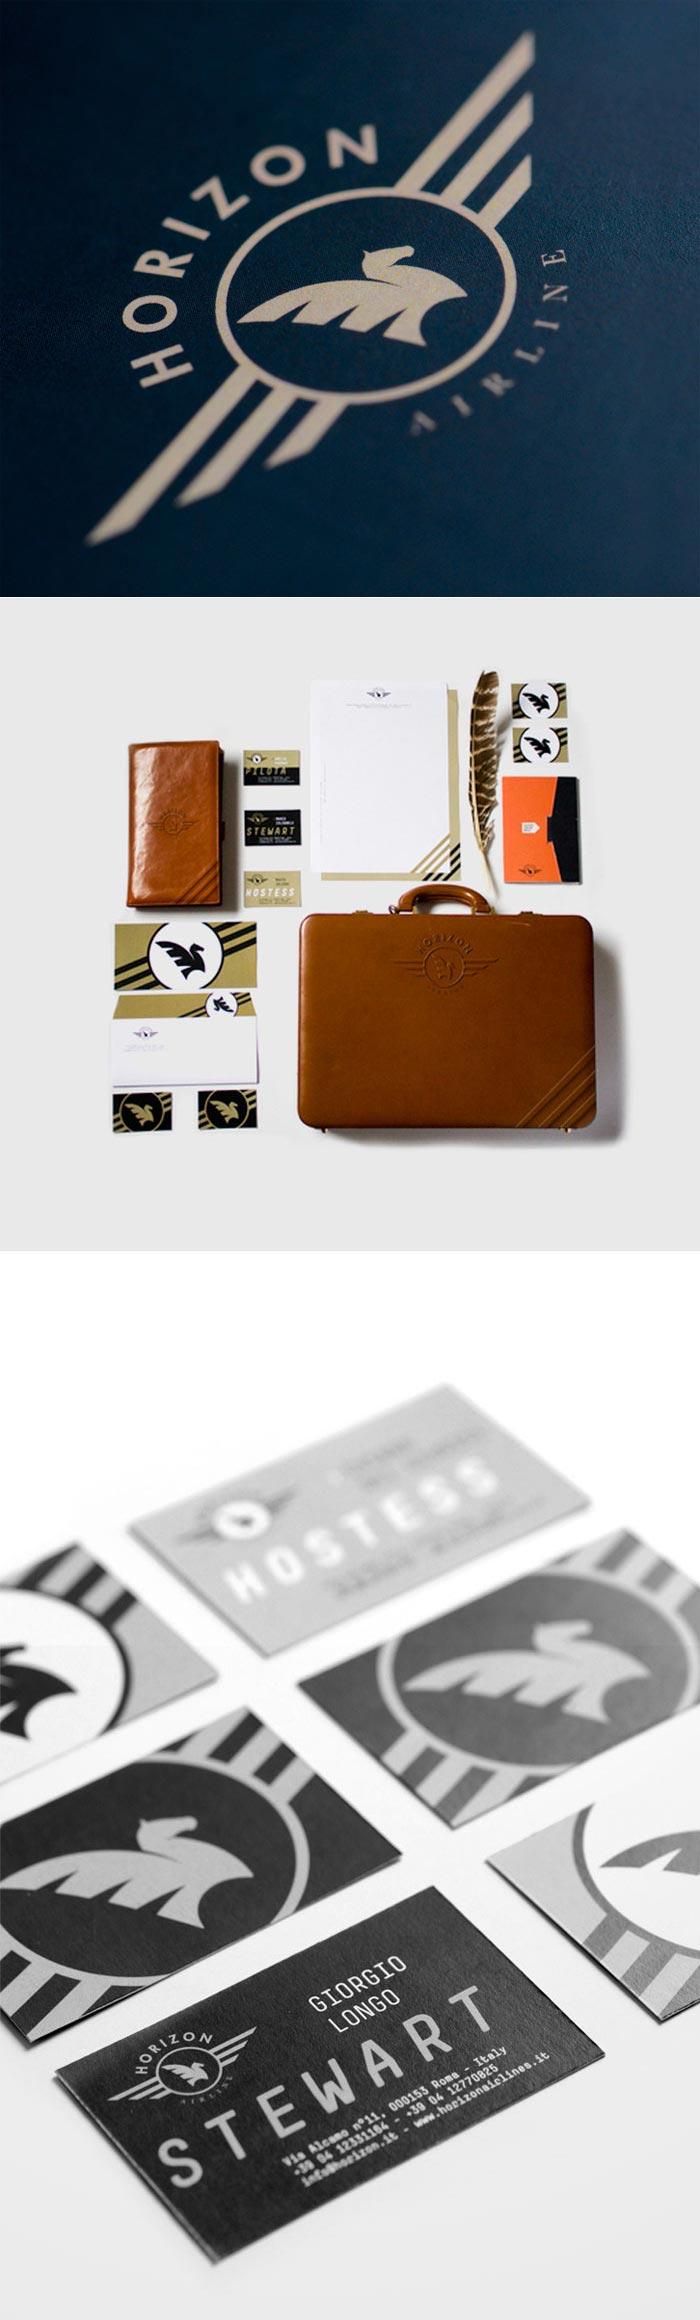 Daniele Simonelli / Brand identity concept - Horizon Airline